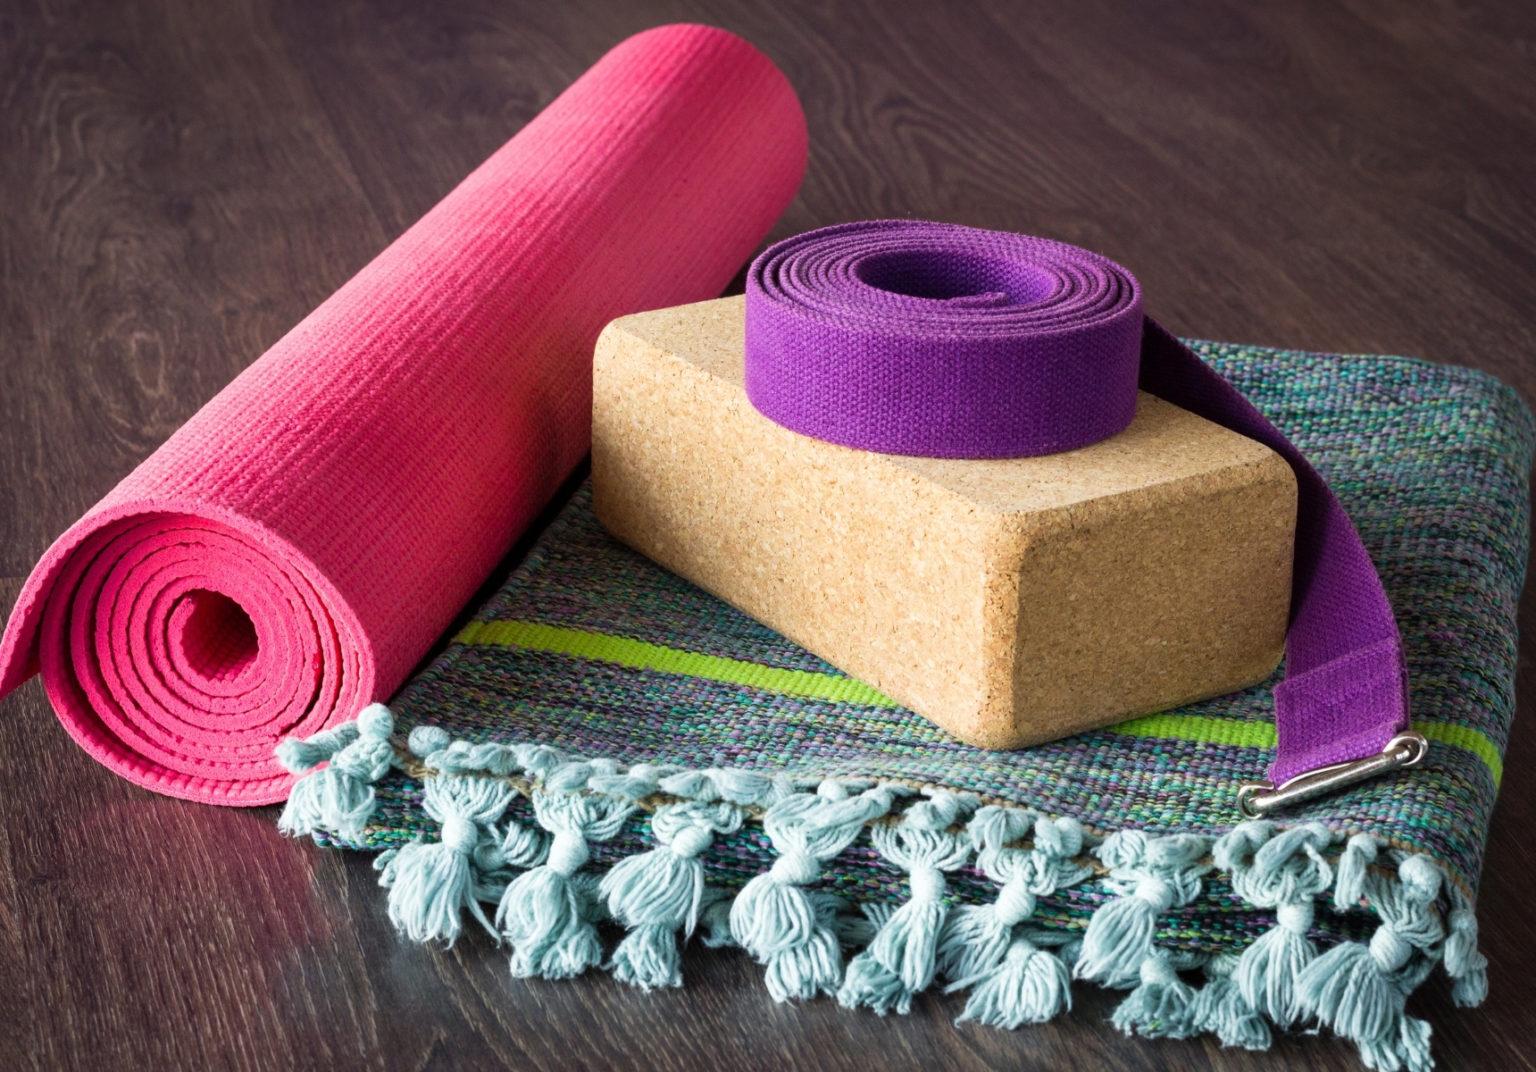 miglior-tappetino-yoga